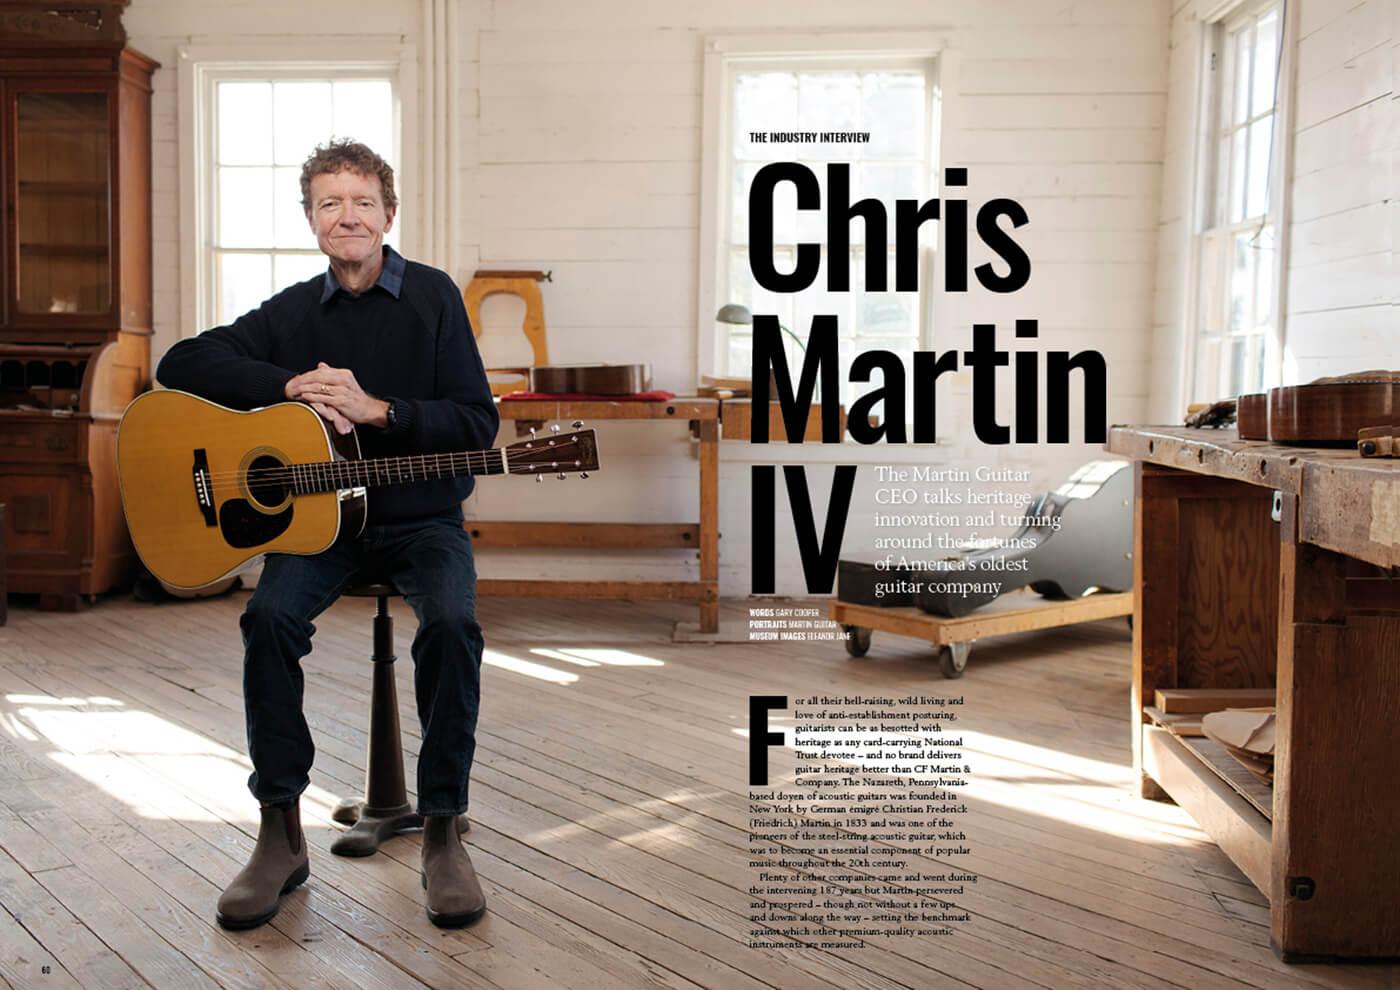 chris martin vi martin guitar magazine 381